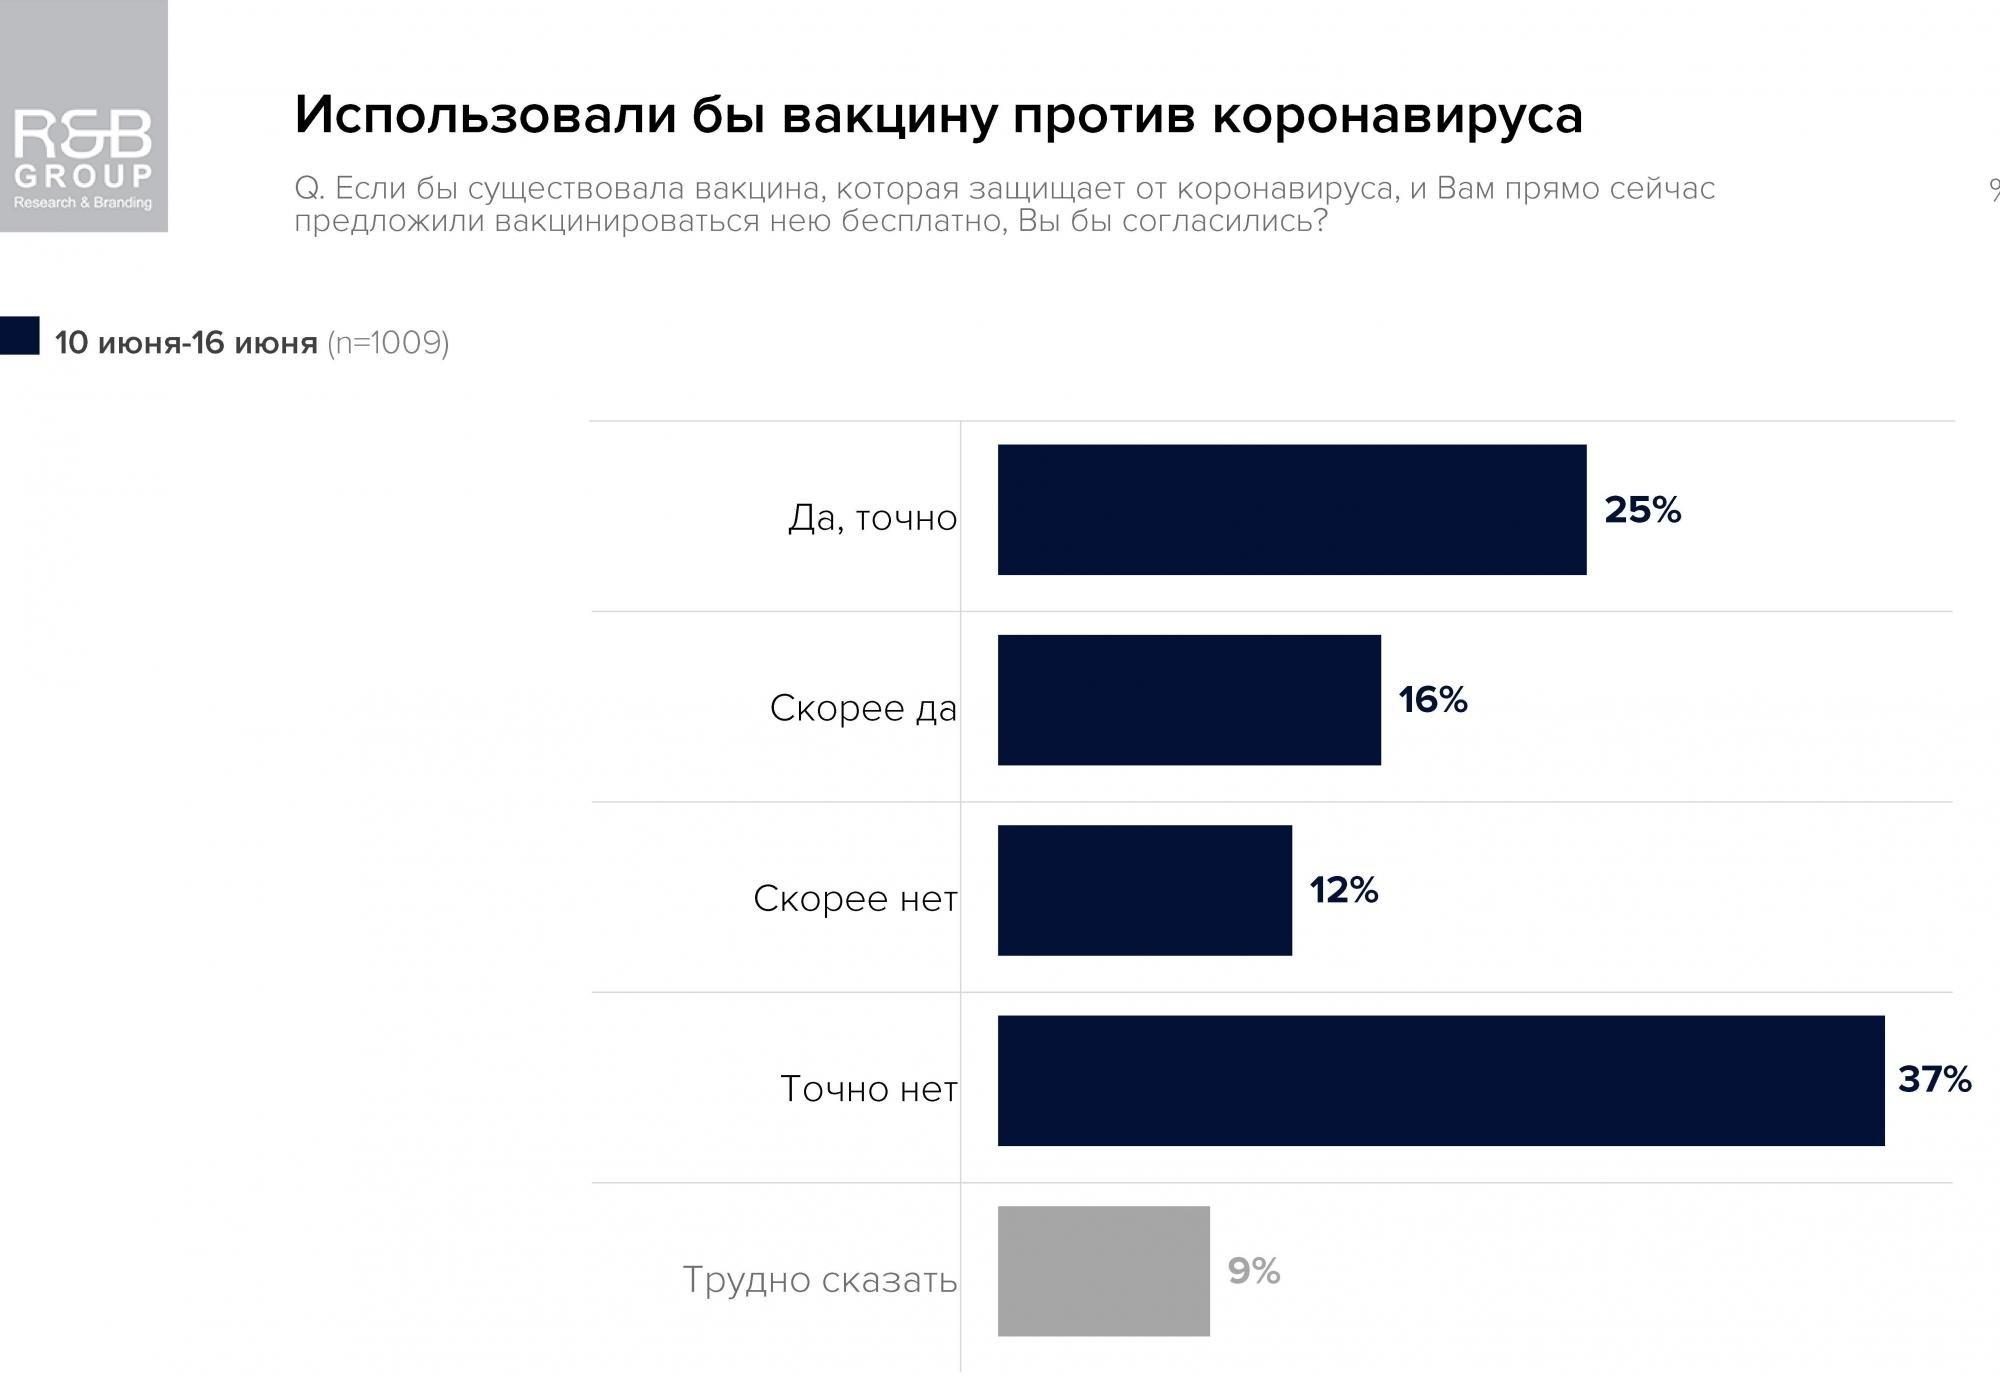 Сколько украинцев готовы вакцинироваться от COVID-19: статистика поражает